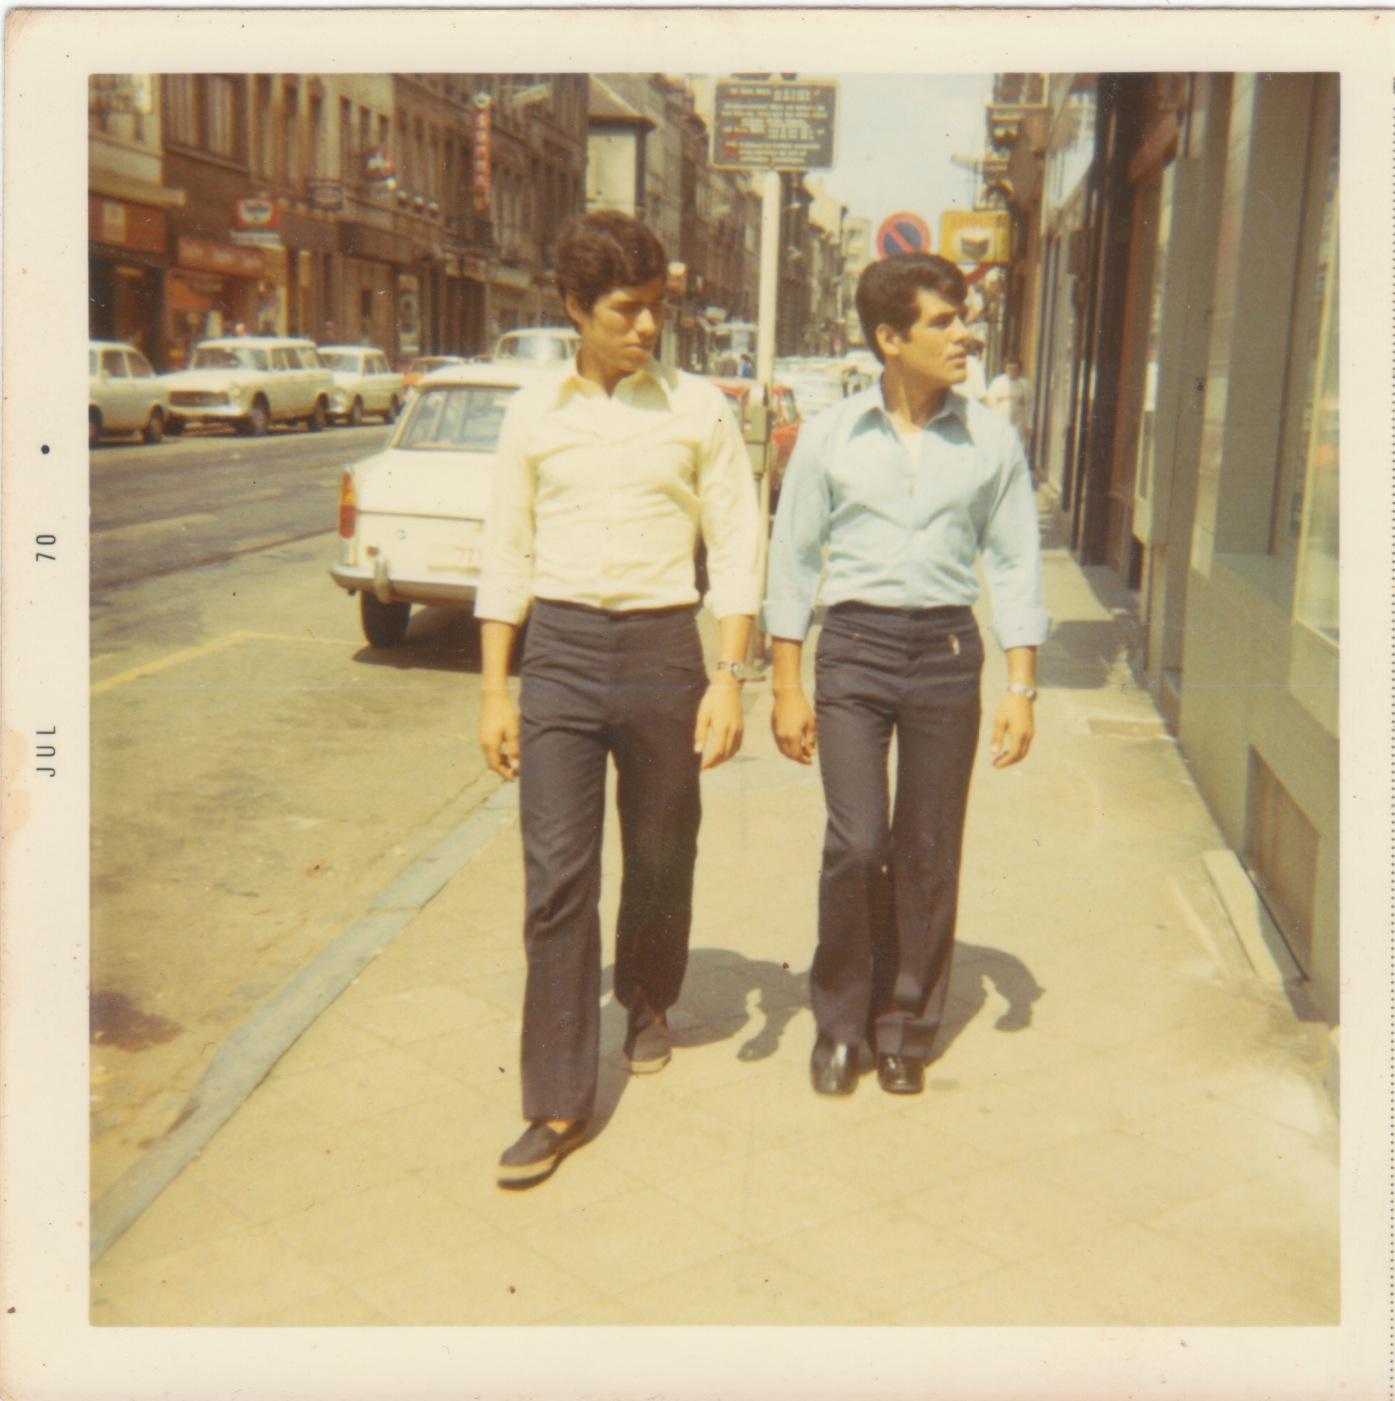 Papa et Mohamed dans les rues de Bxl.jpeg